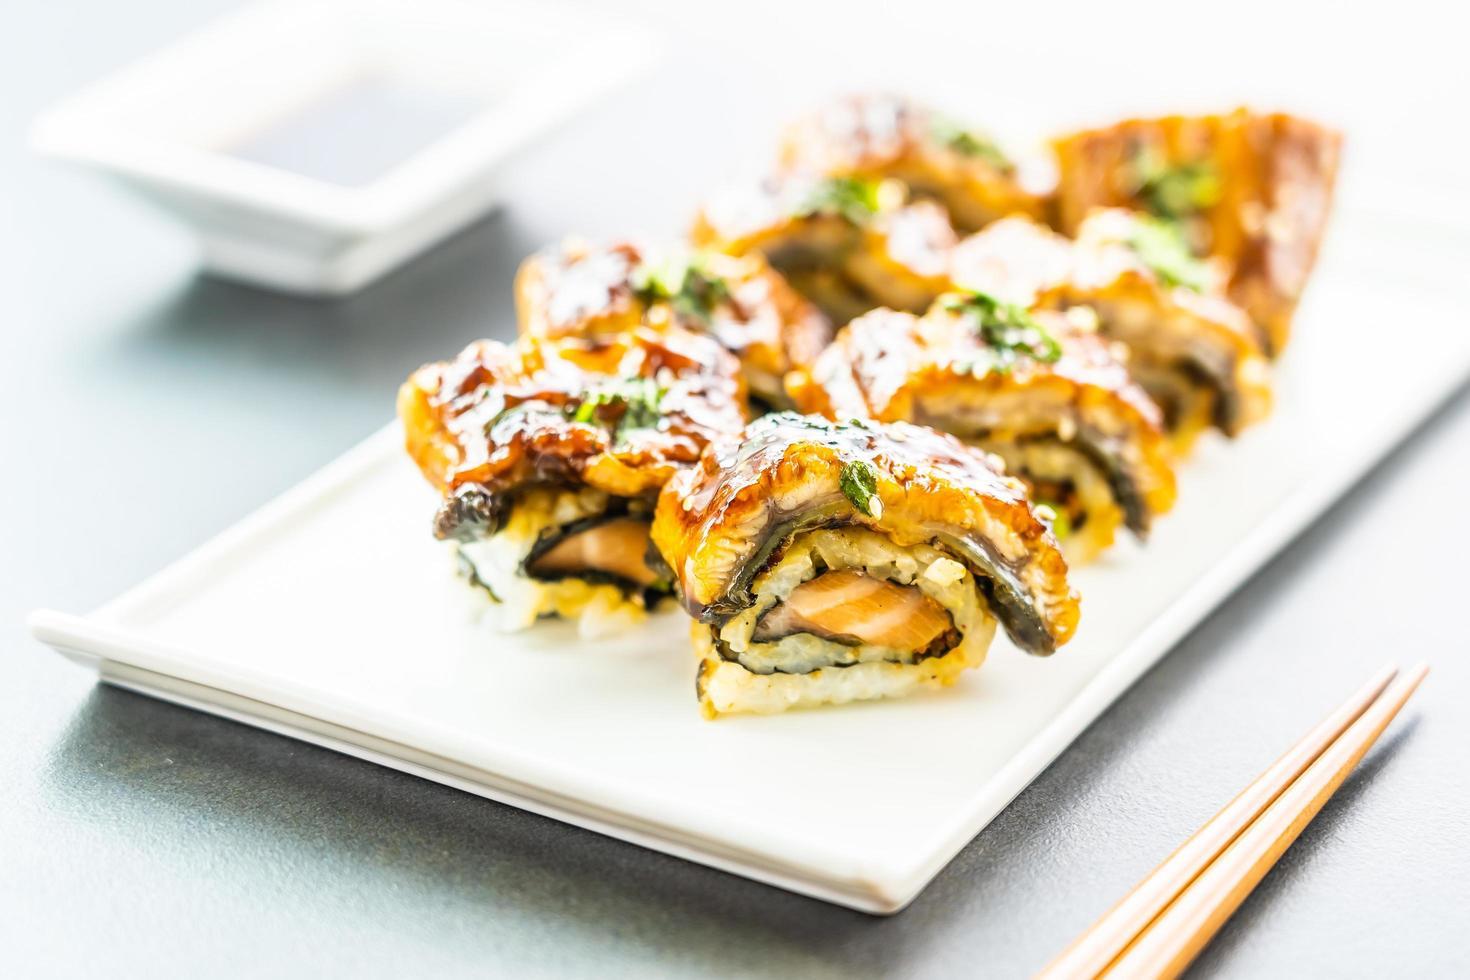 Sushi maki à l'anguille grillée ou poisson unagi avec sauce sucrée photo